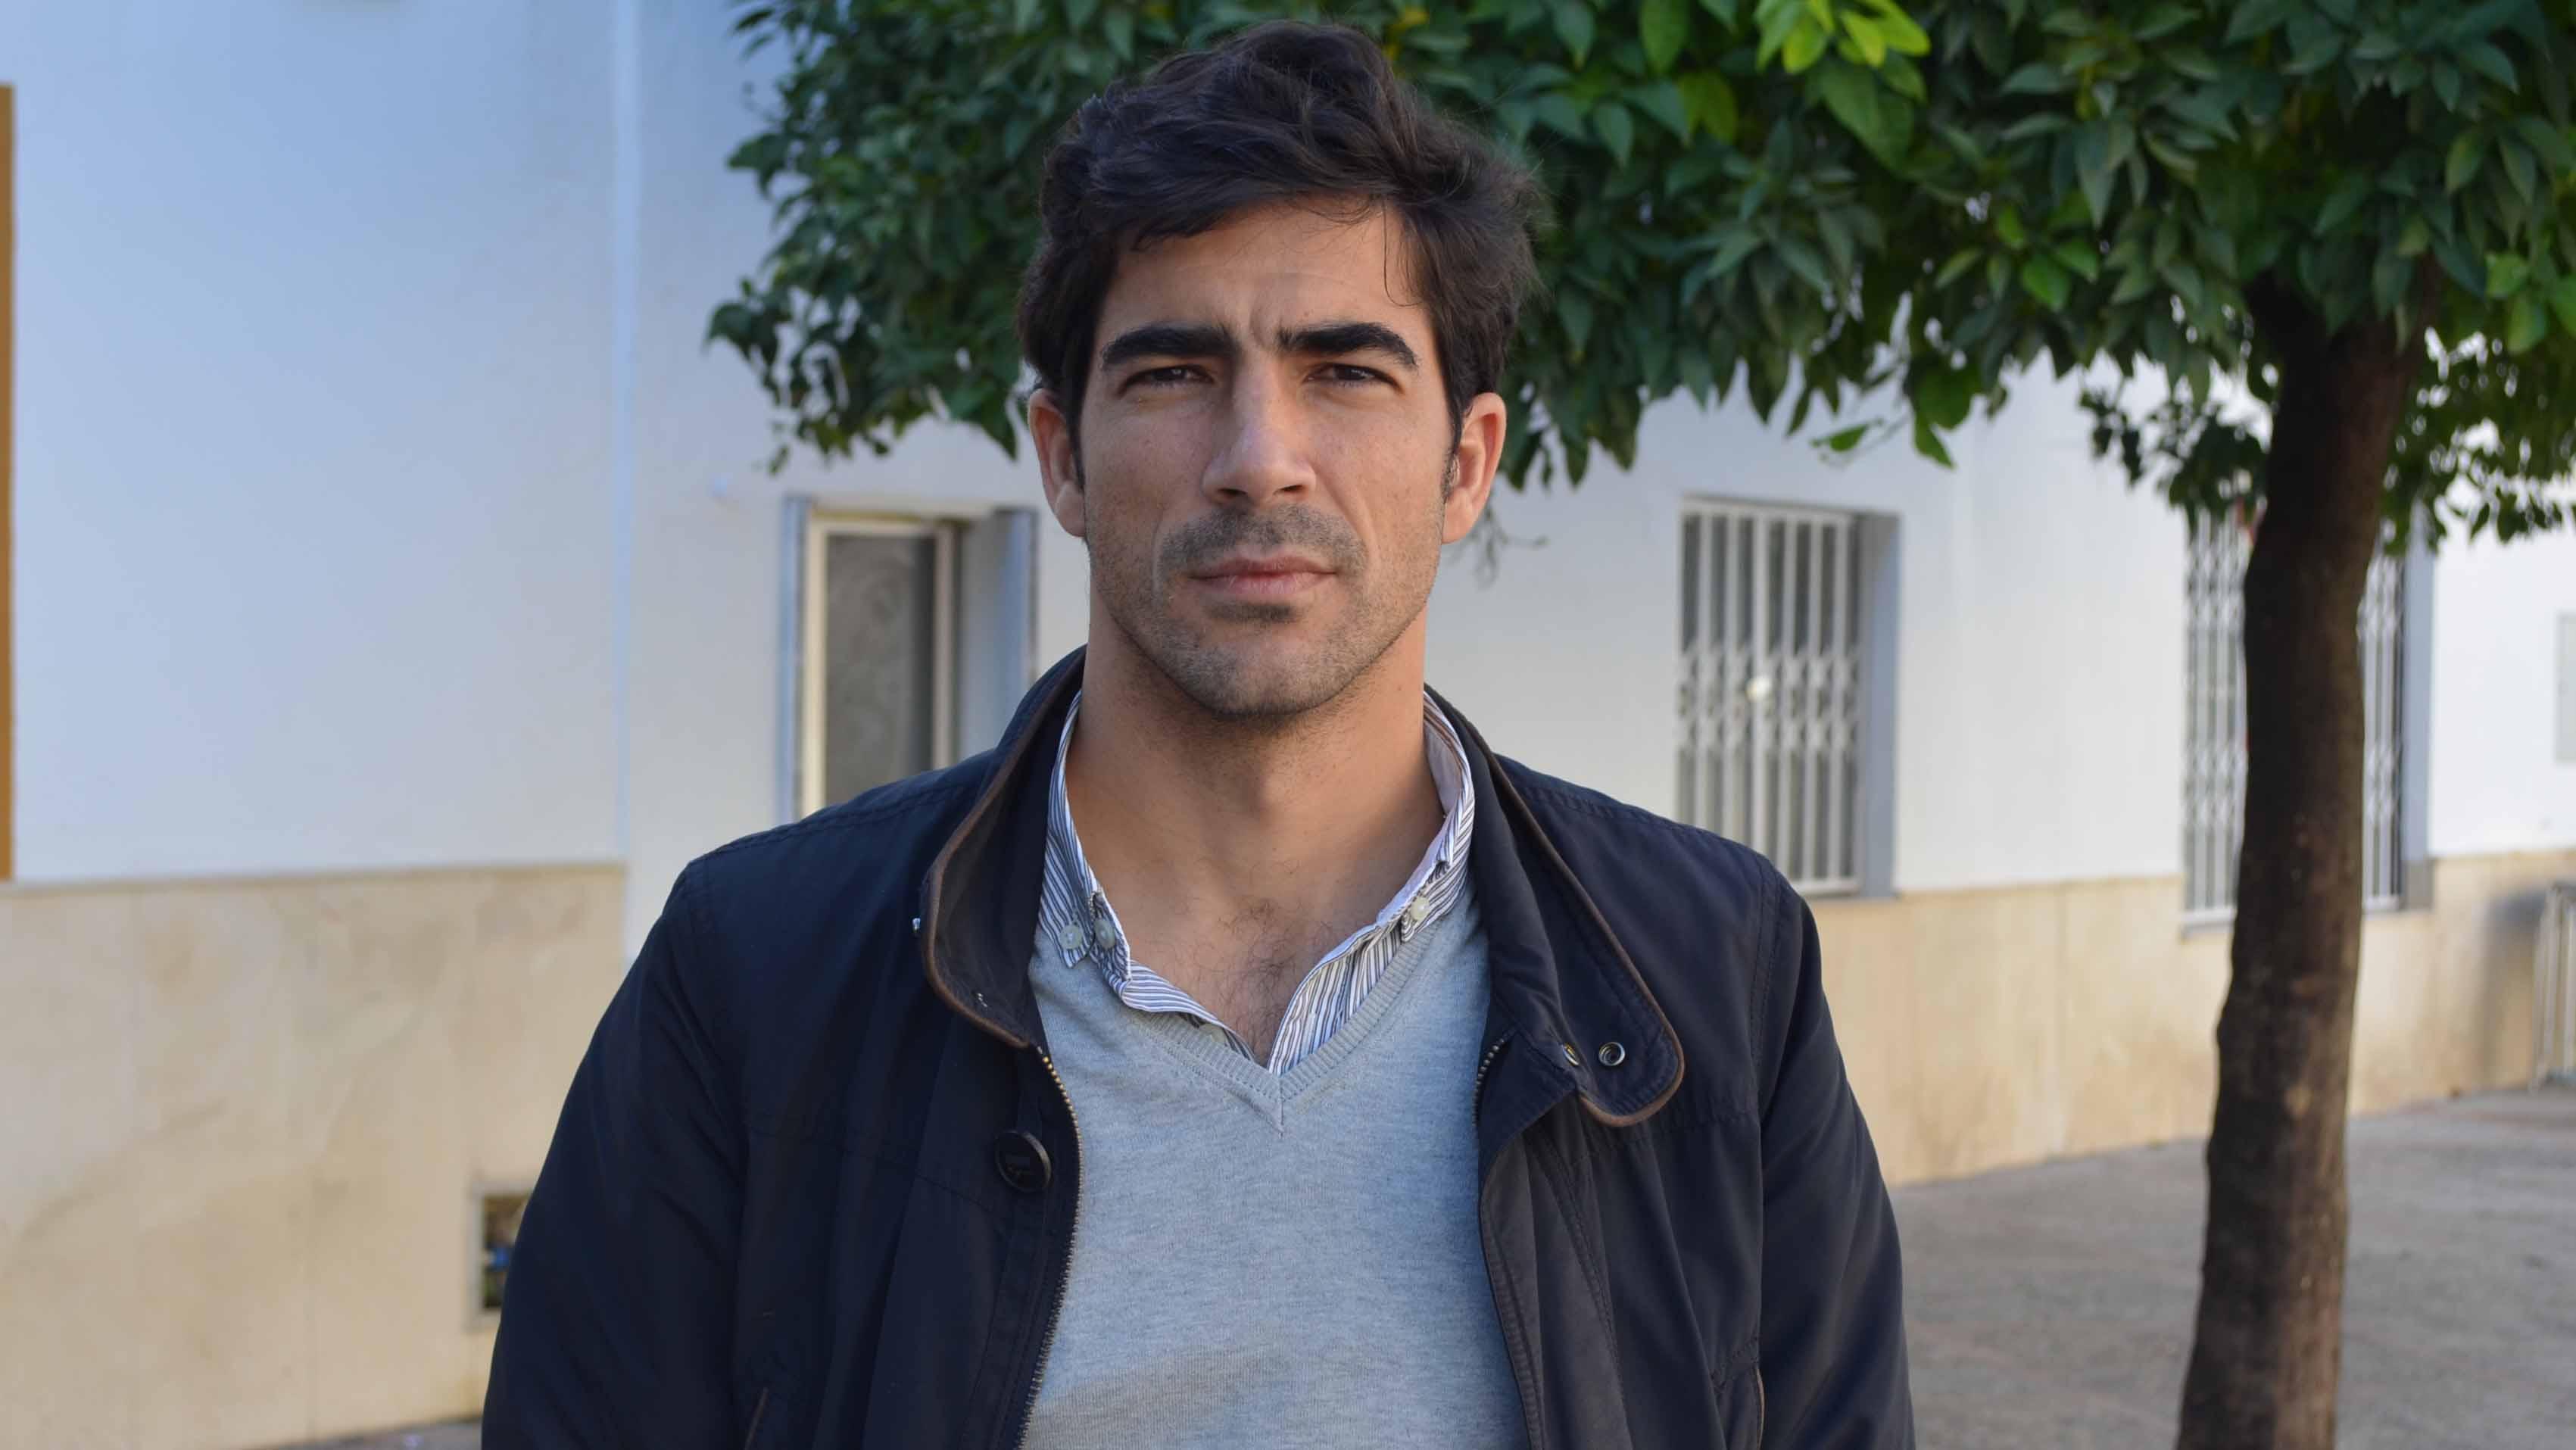 El utrerano Valentín Navarro ha publicado «De lo visible, lo invisible»